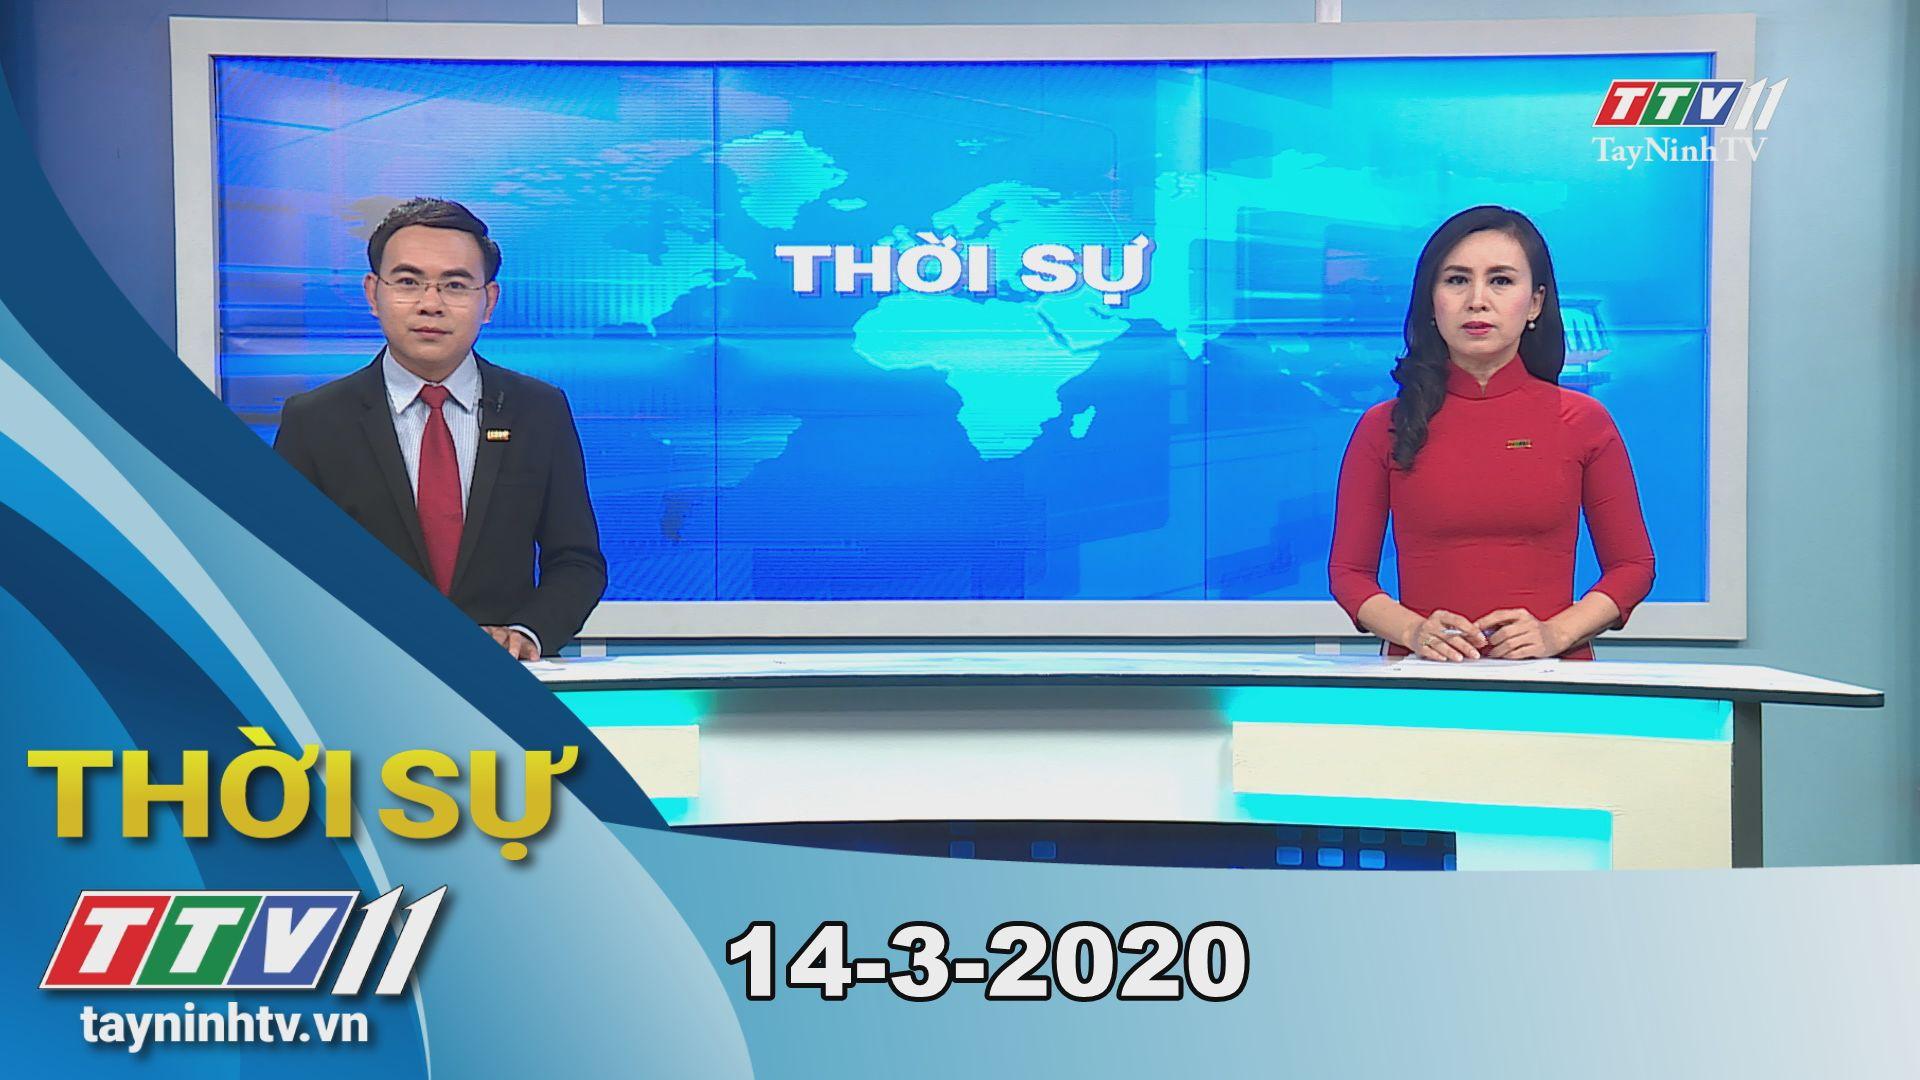 Thời sự Tây Ninh 13-3-2020 | Tin tức hôm nay | TayNinhTV